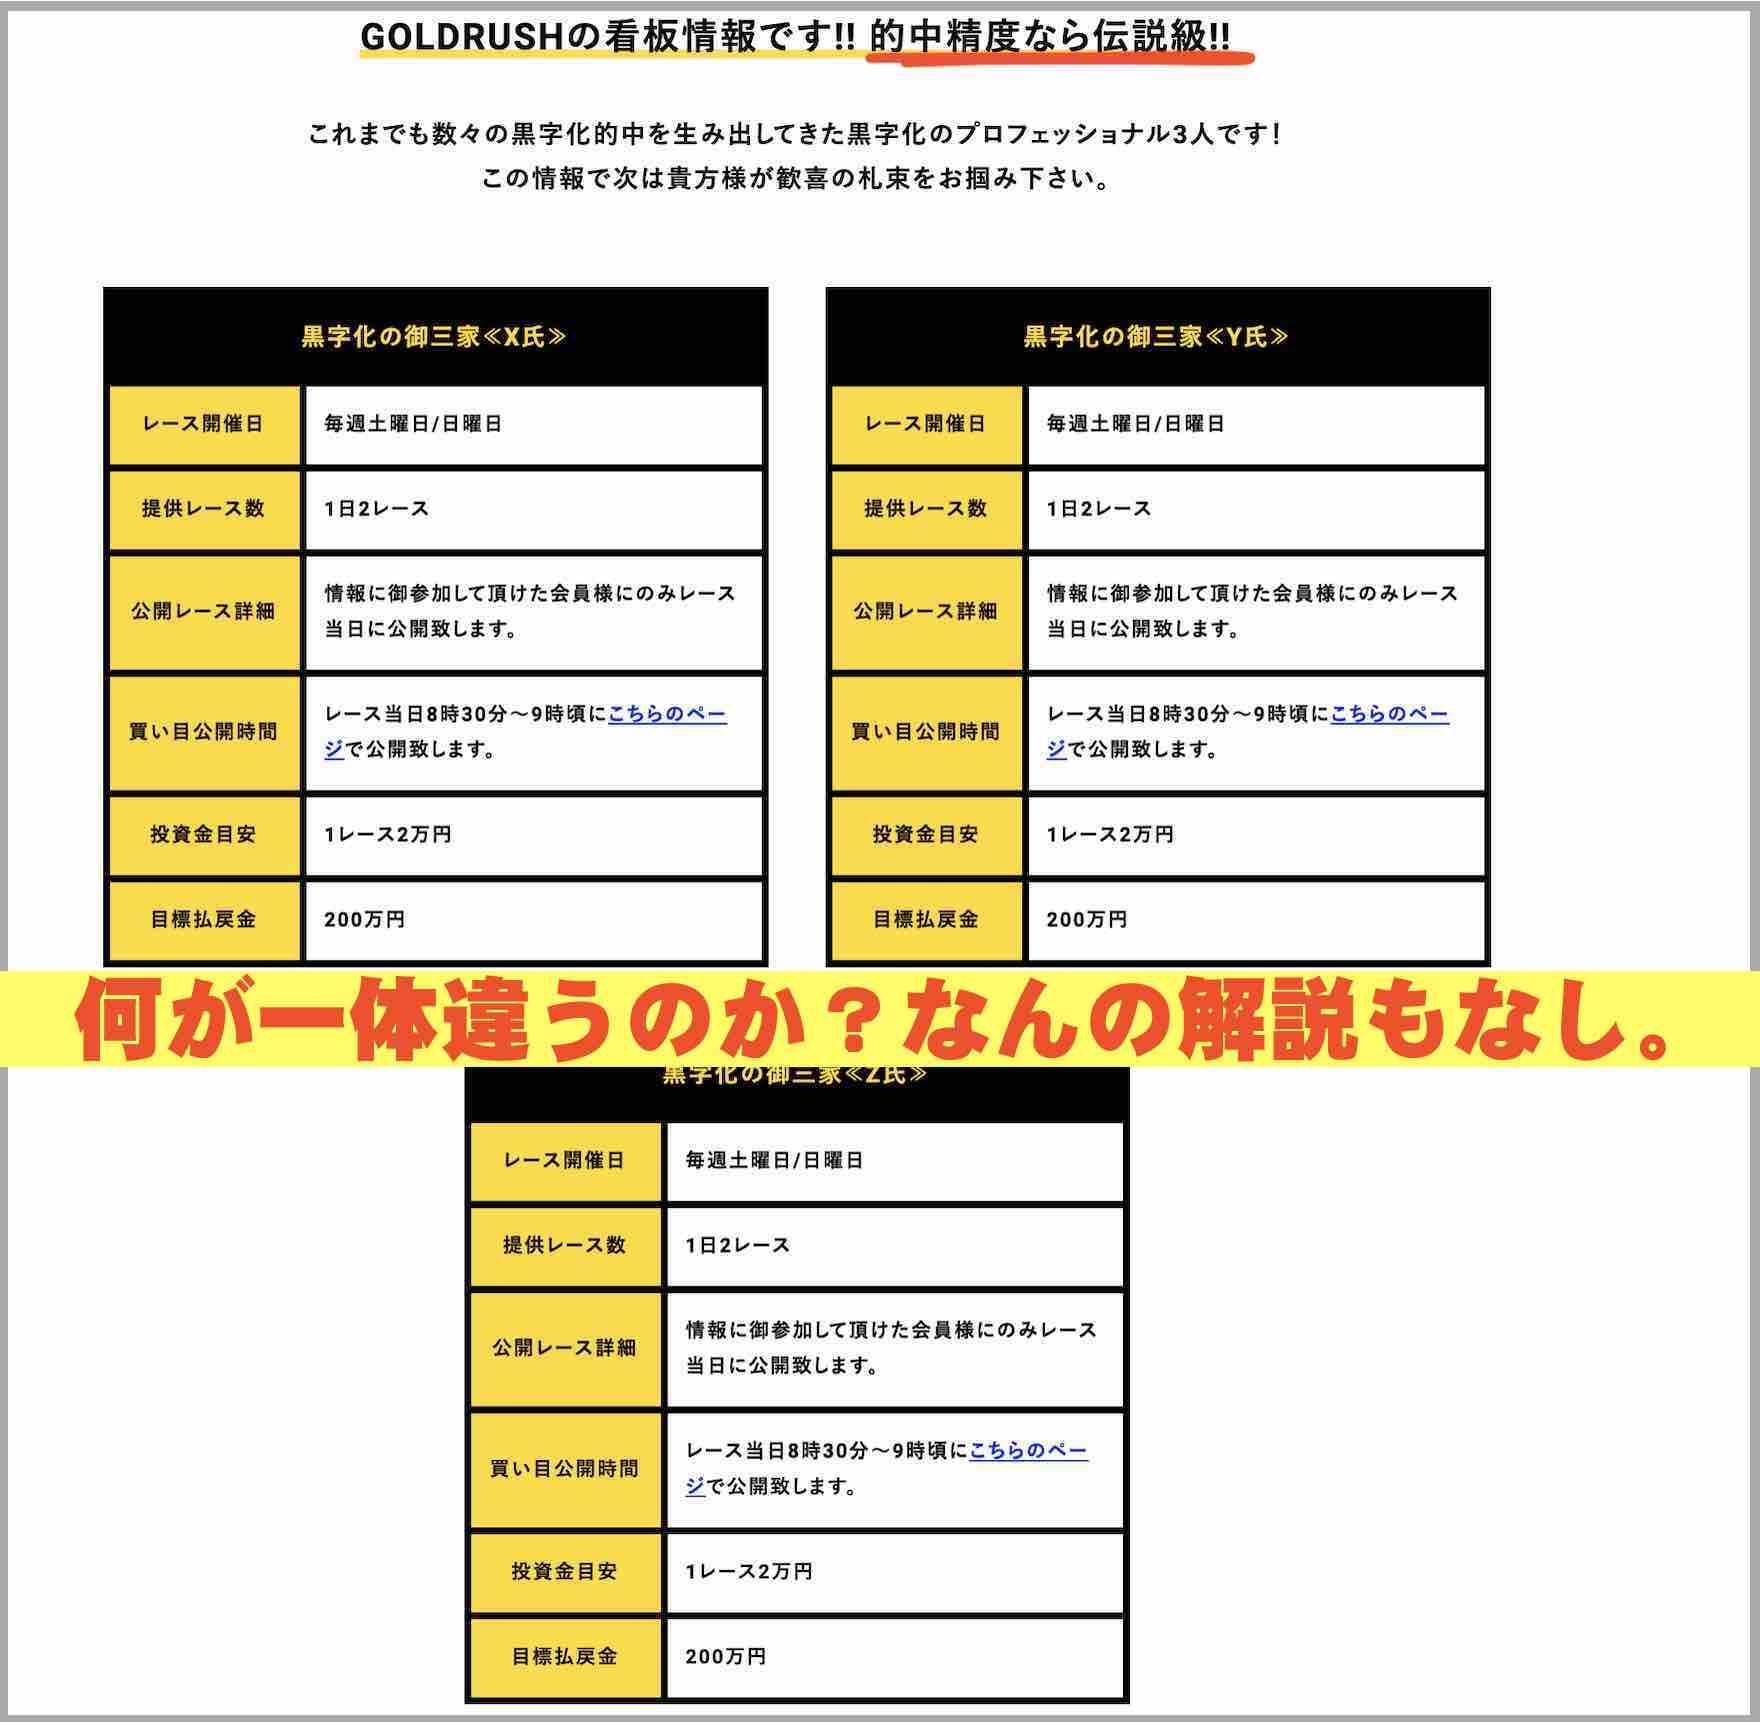 ゴールドラッシュ(GOLDRUSH)という競馬予想サイトの有料販売コース